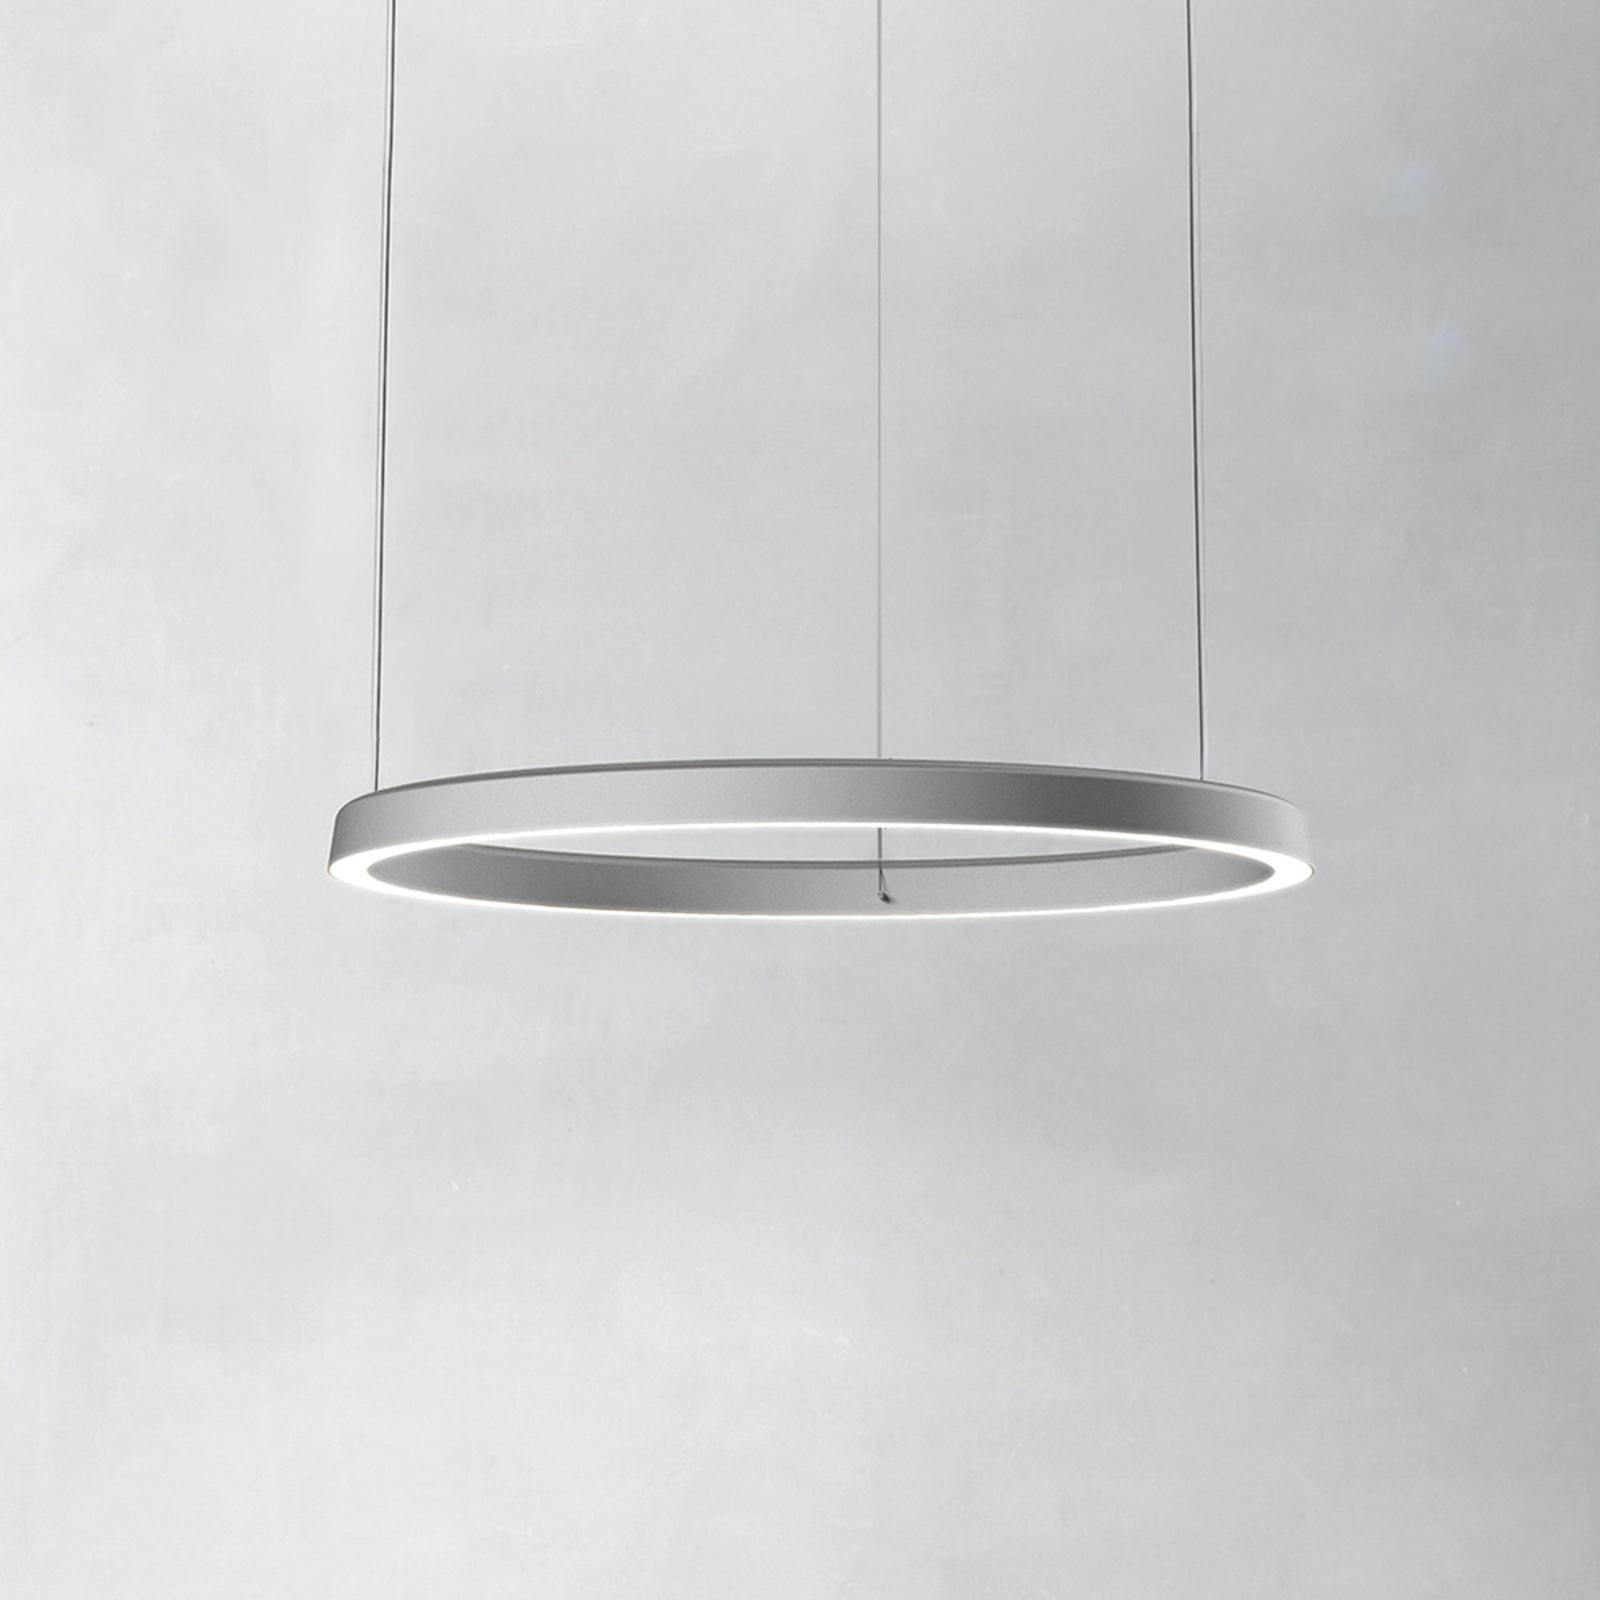 Luceplan Compendium Circle 72 cm, alumiini